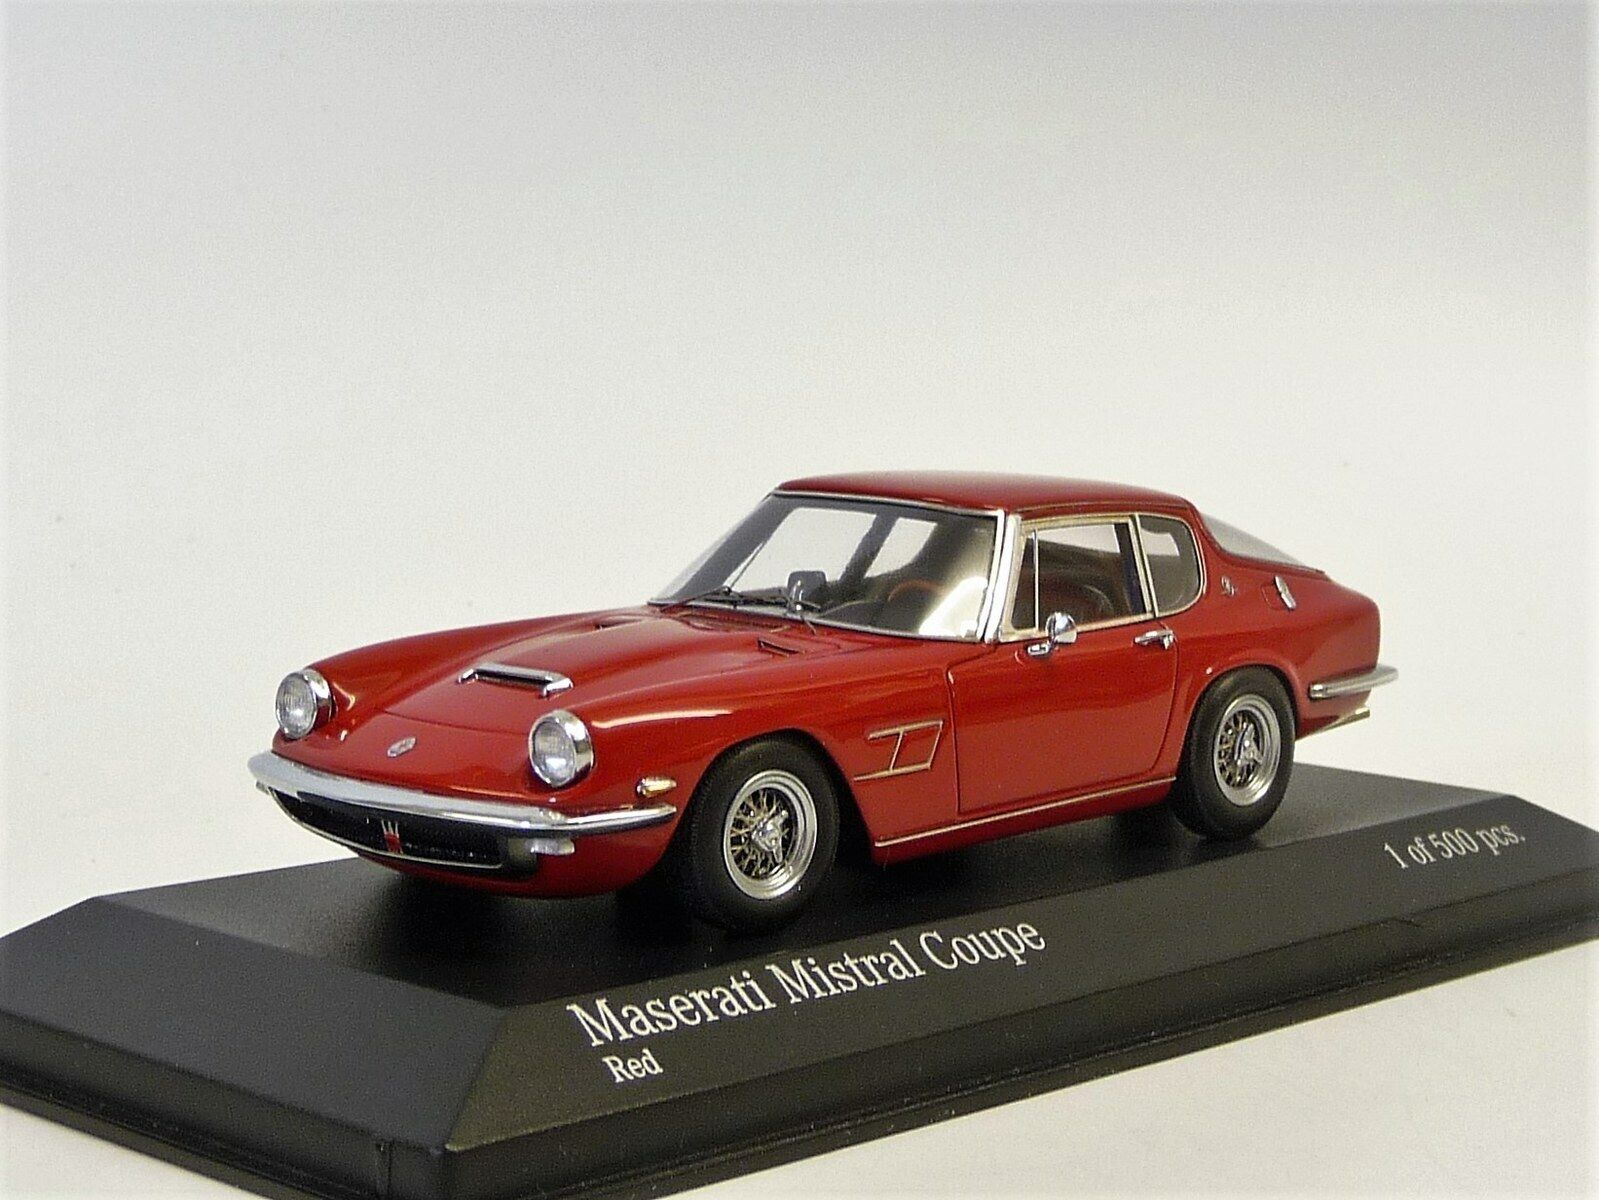 Maserati Mistral coupè rosso Minichamps 400123424 nuevo en OVP 1 43